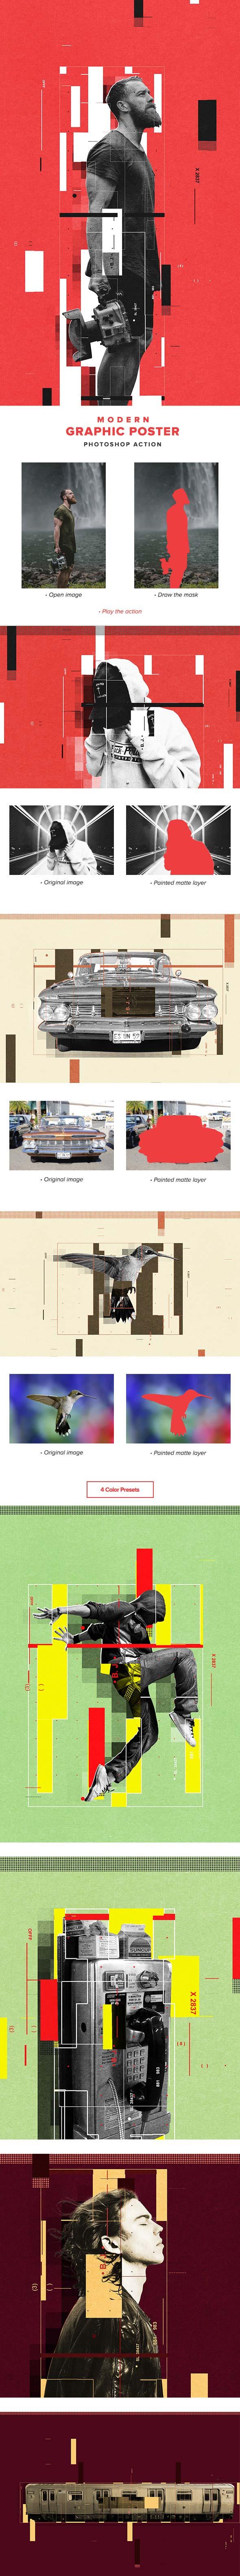 人像轉創意的圖形海報效果PS動作